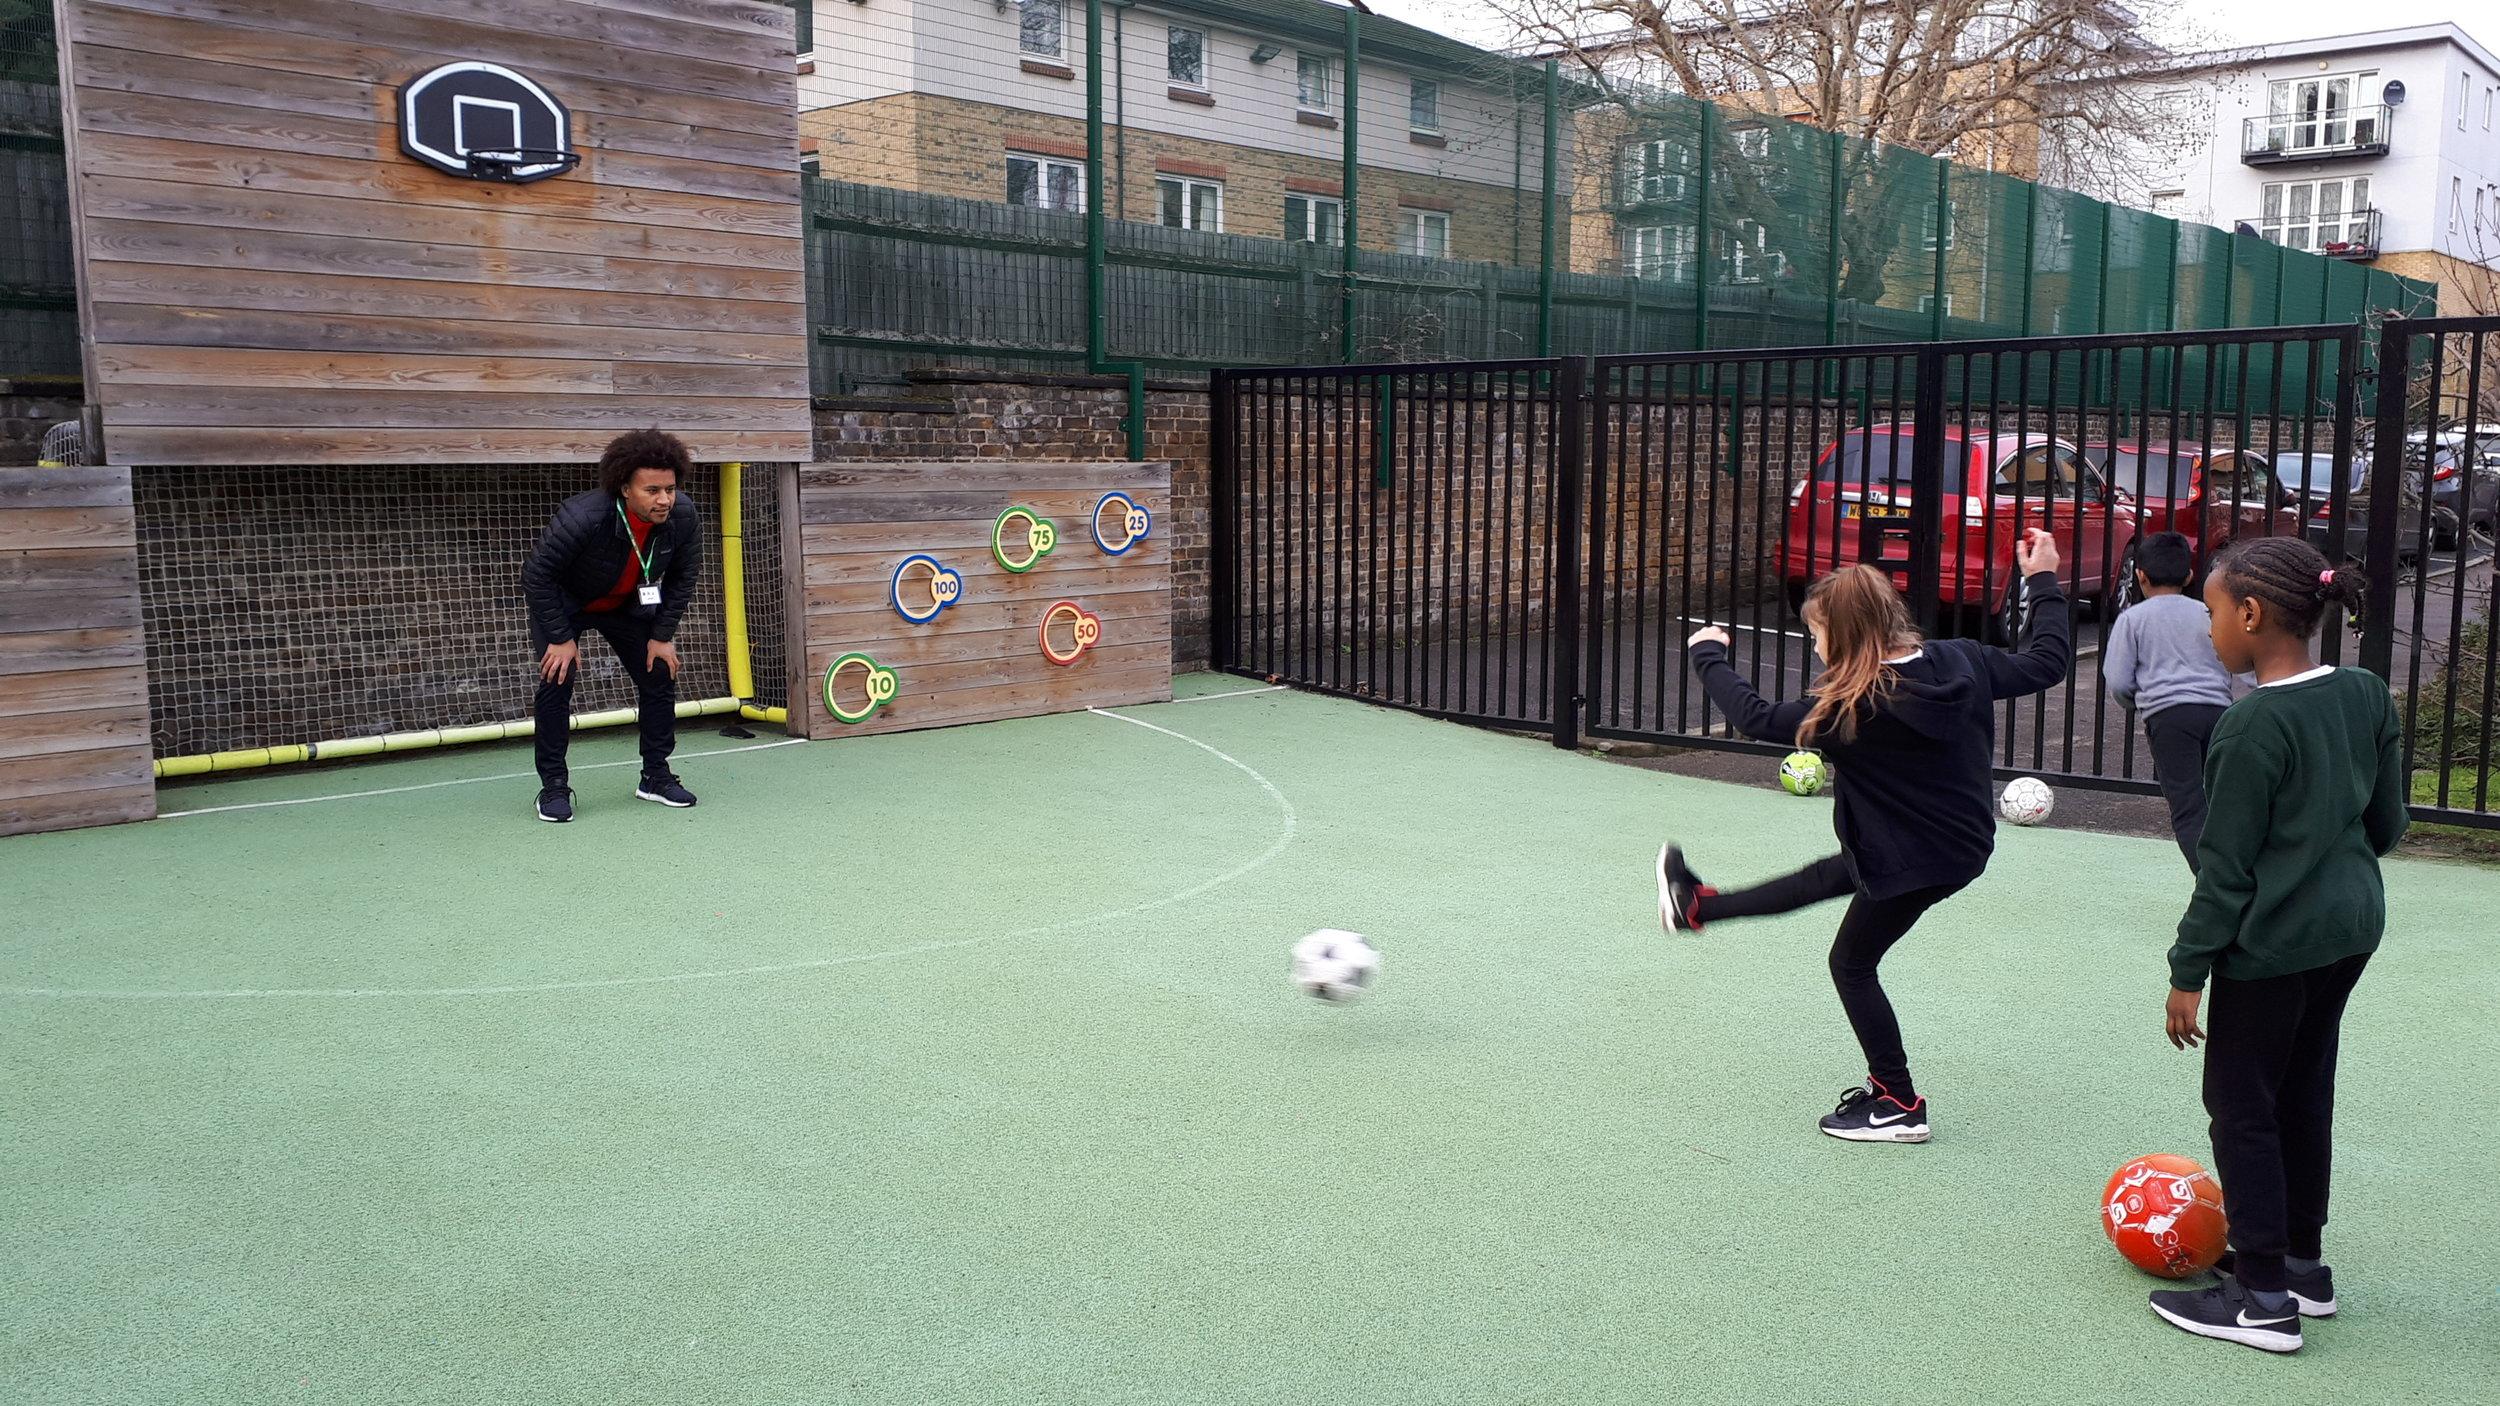 Joe Widdowson joins pupils for PE lesson -